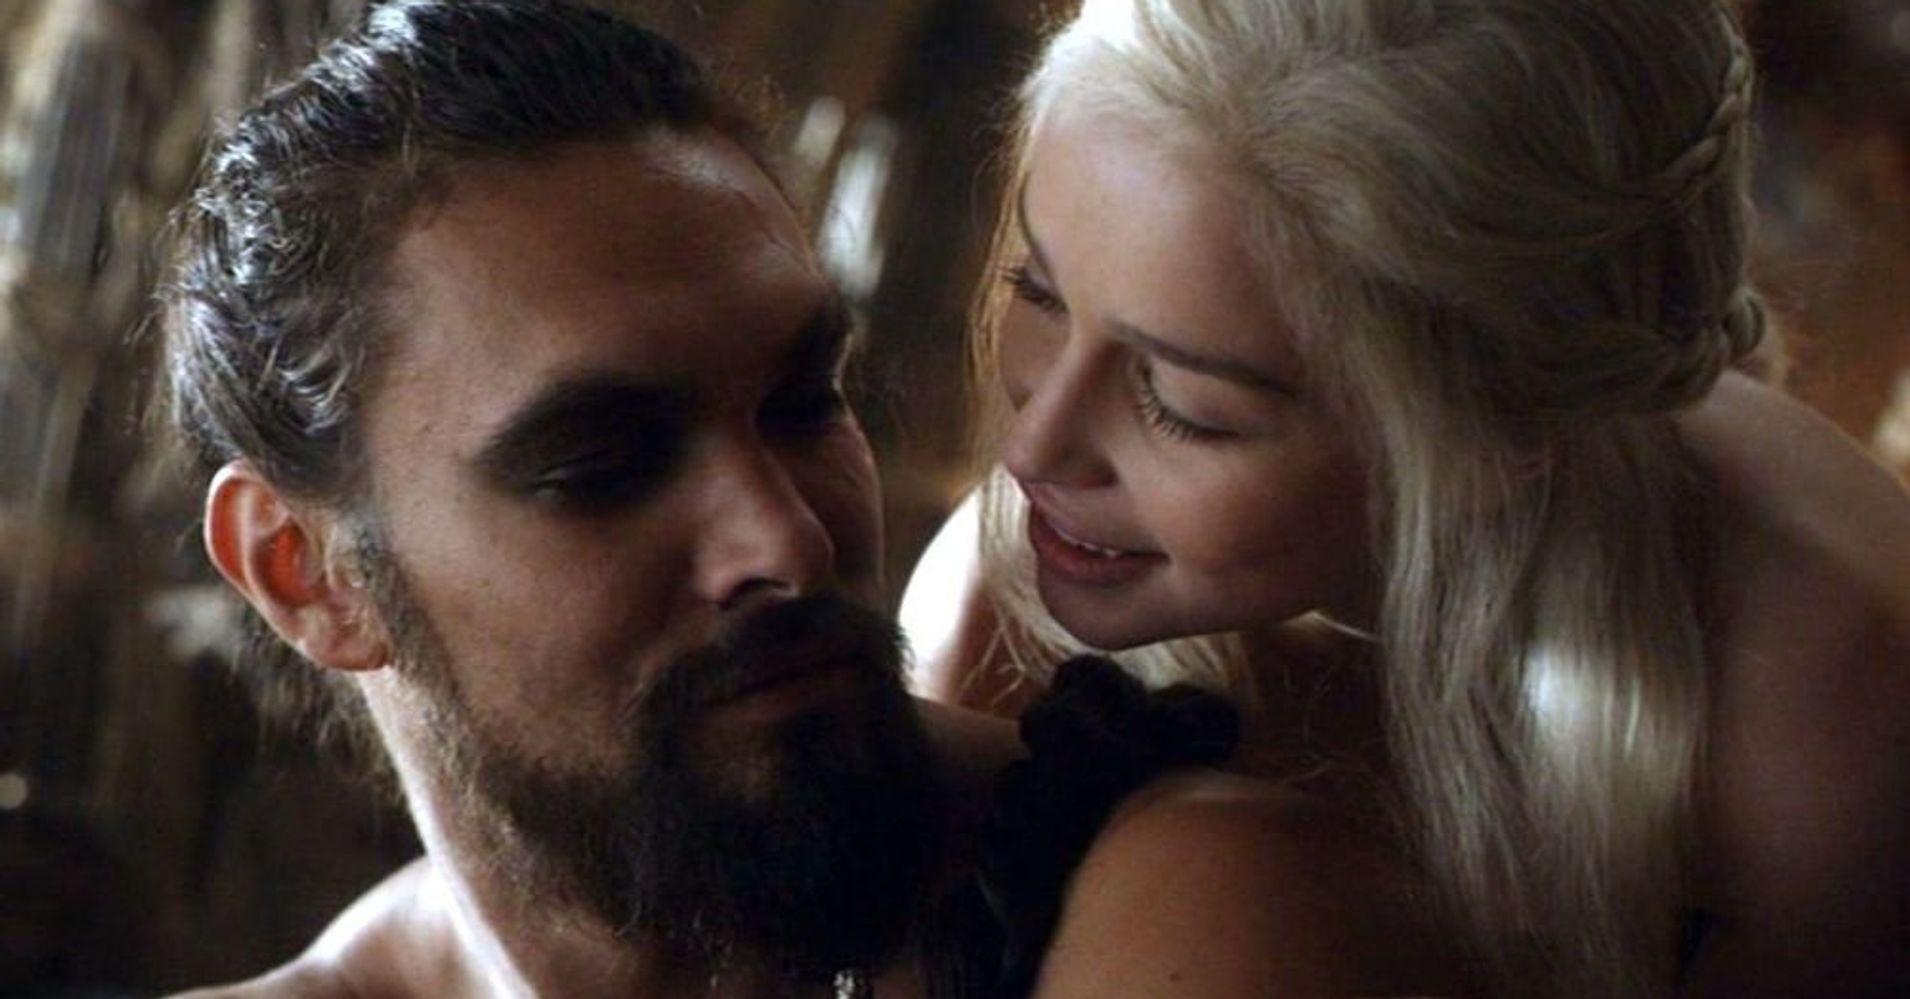 Khal Drogo's Response ...